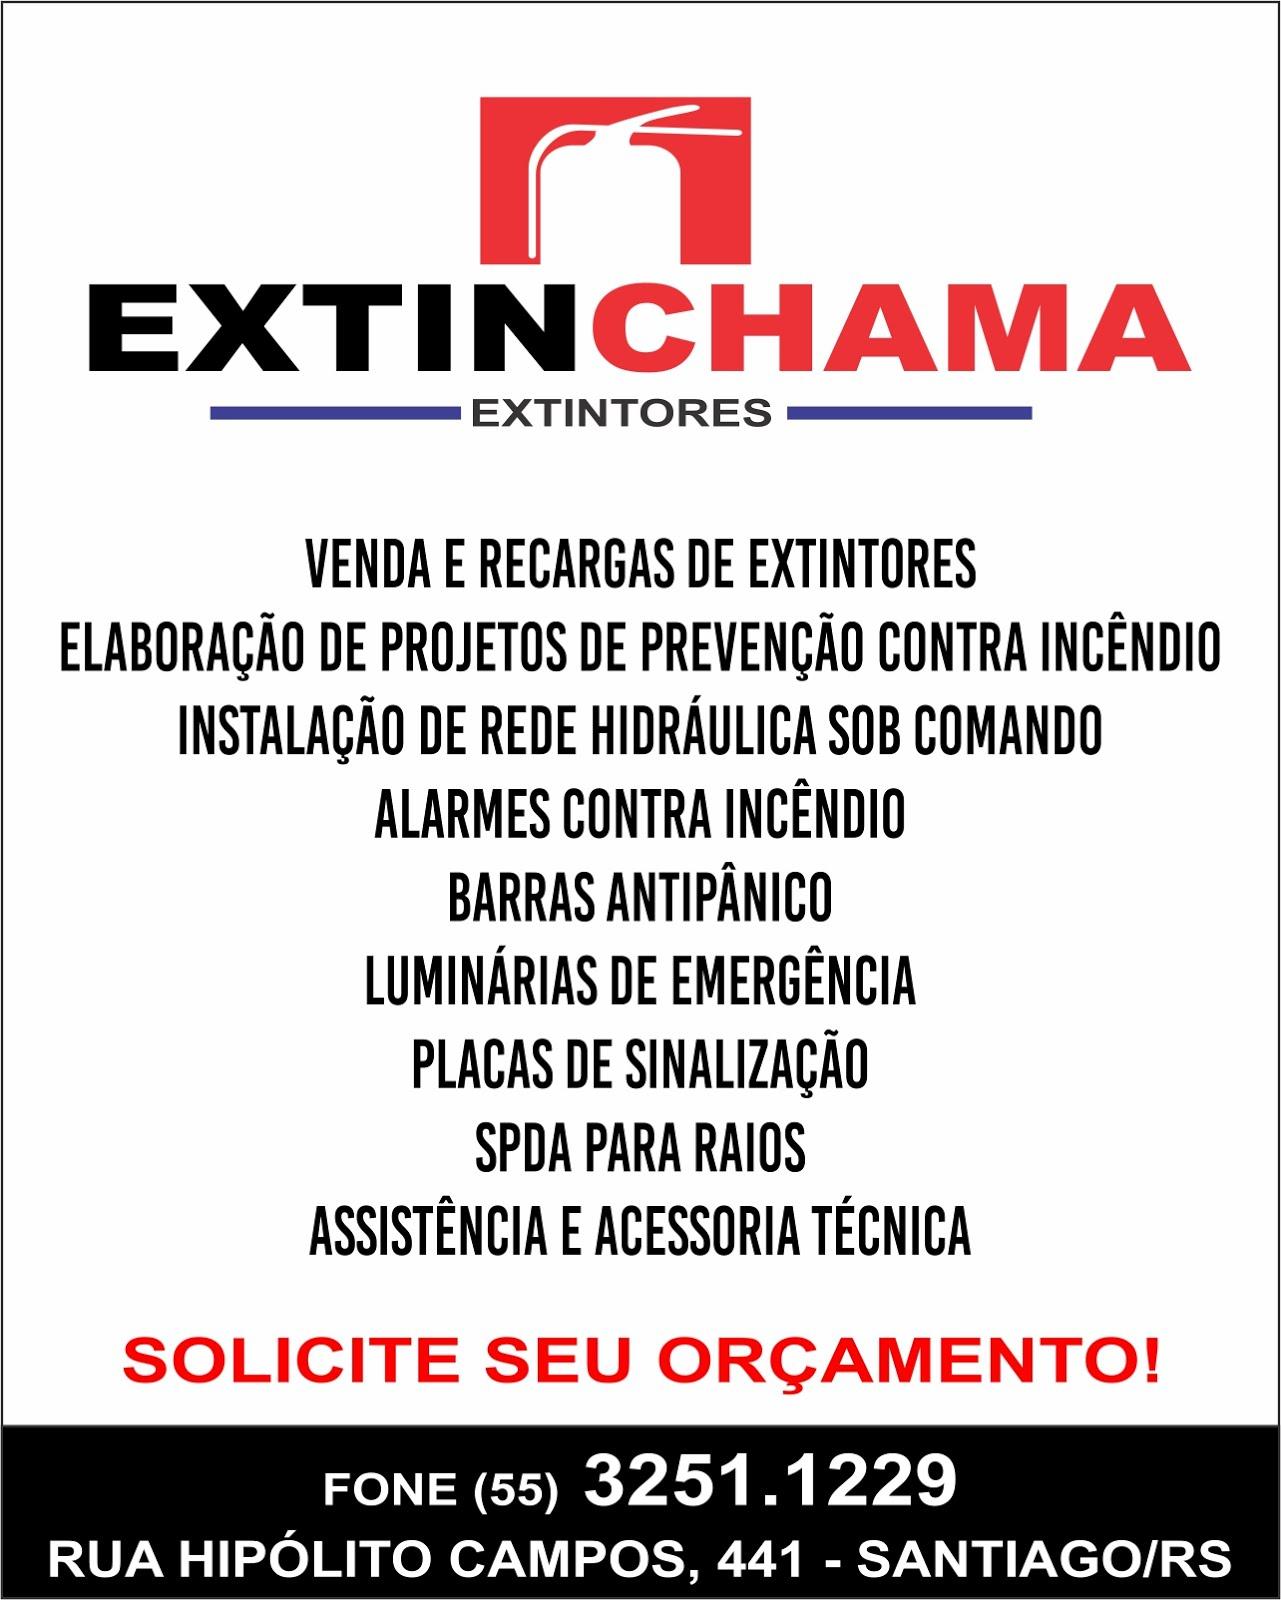 Extinchama Extintores